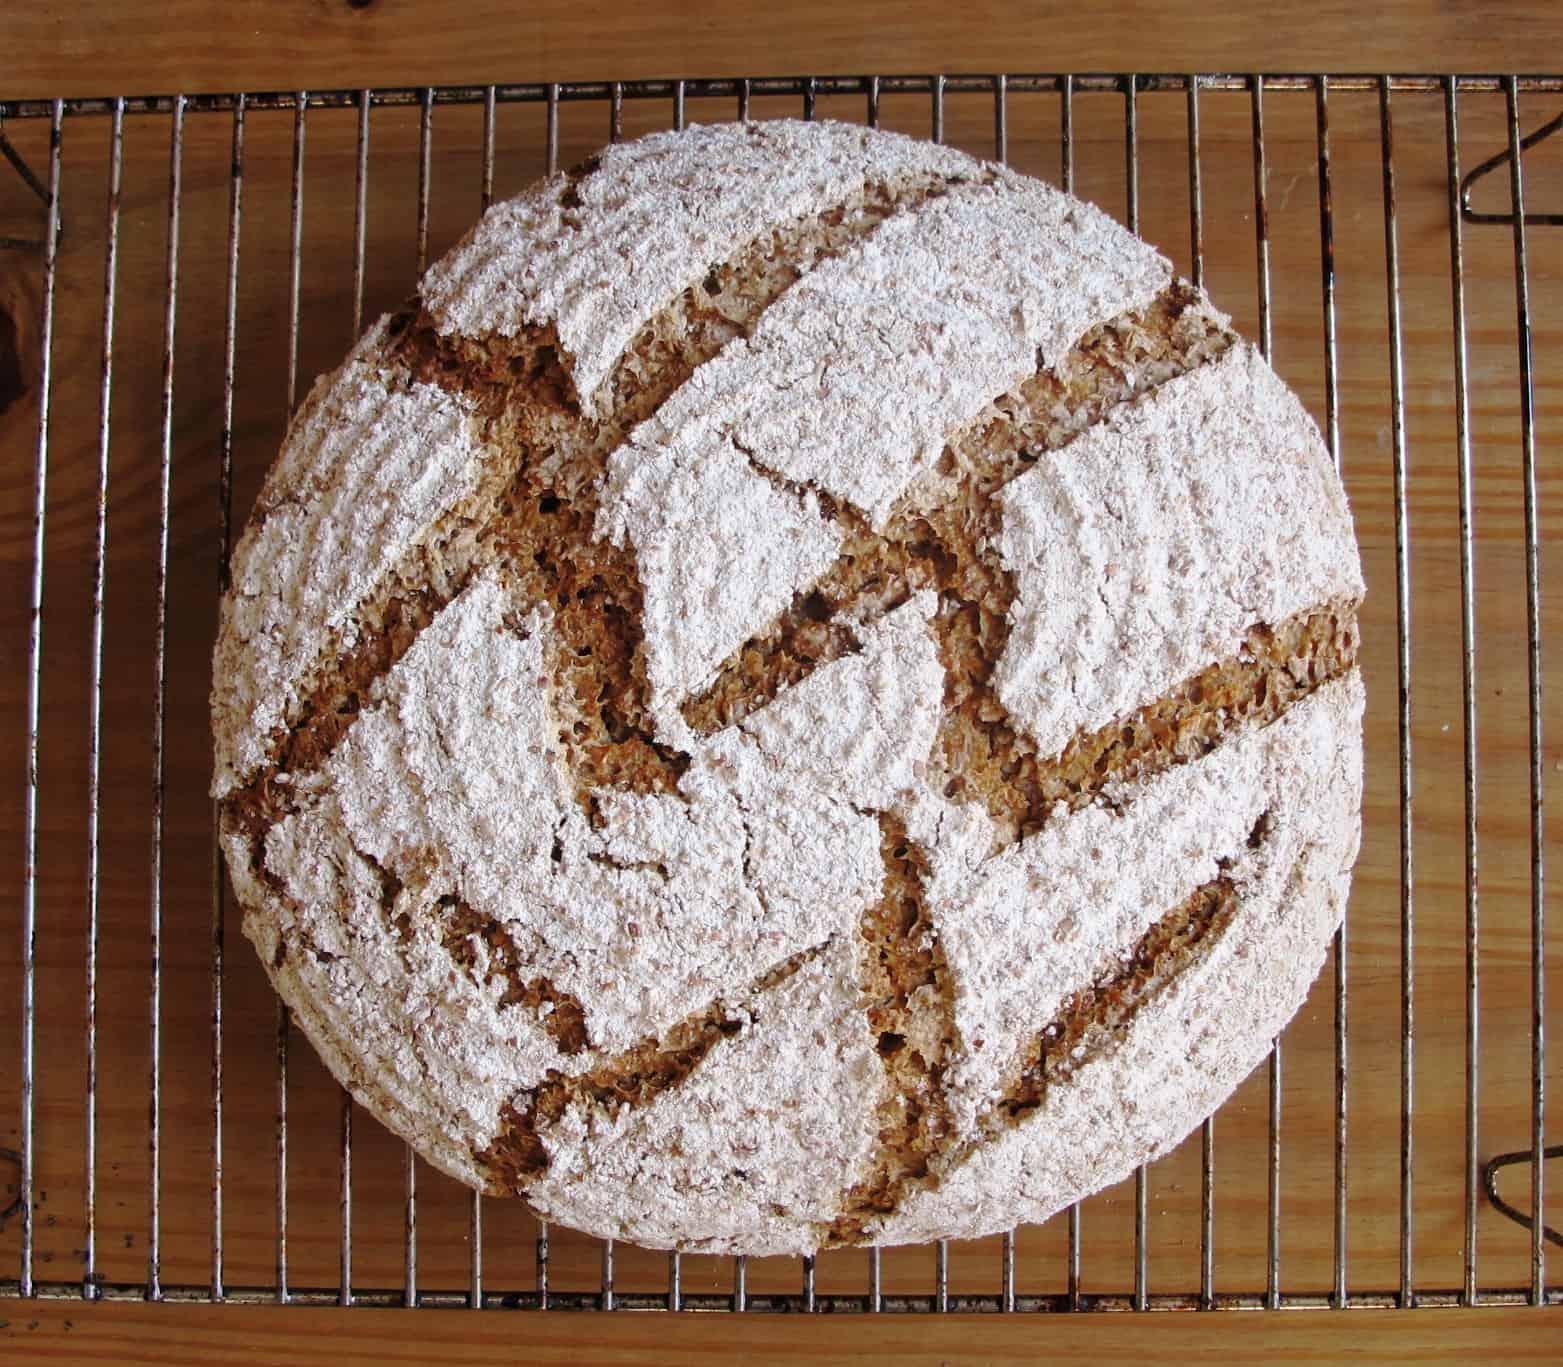 Austrian bread - Hausbrot